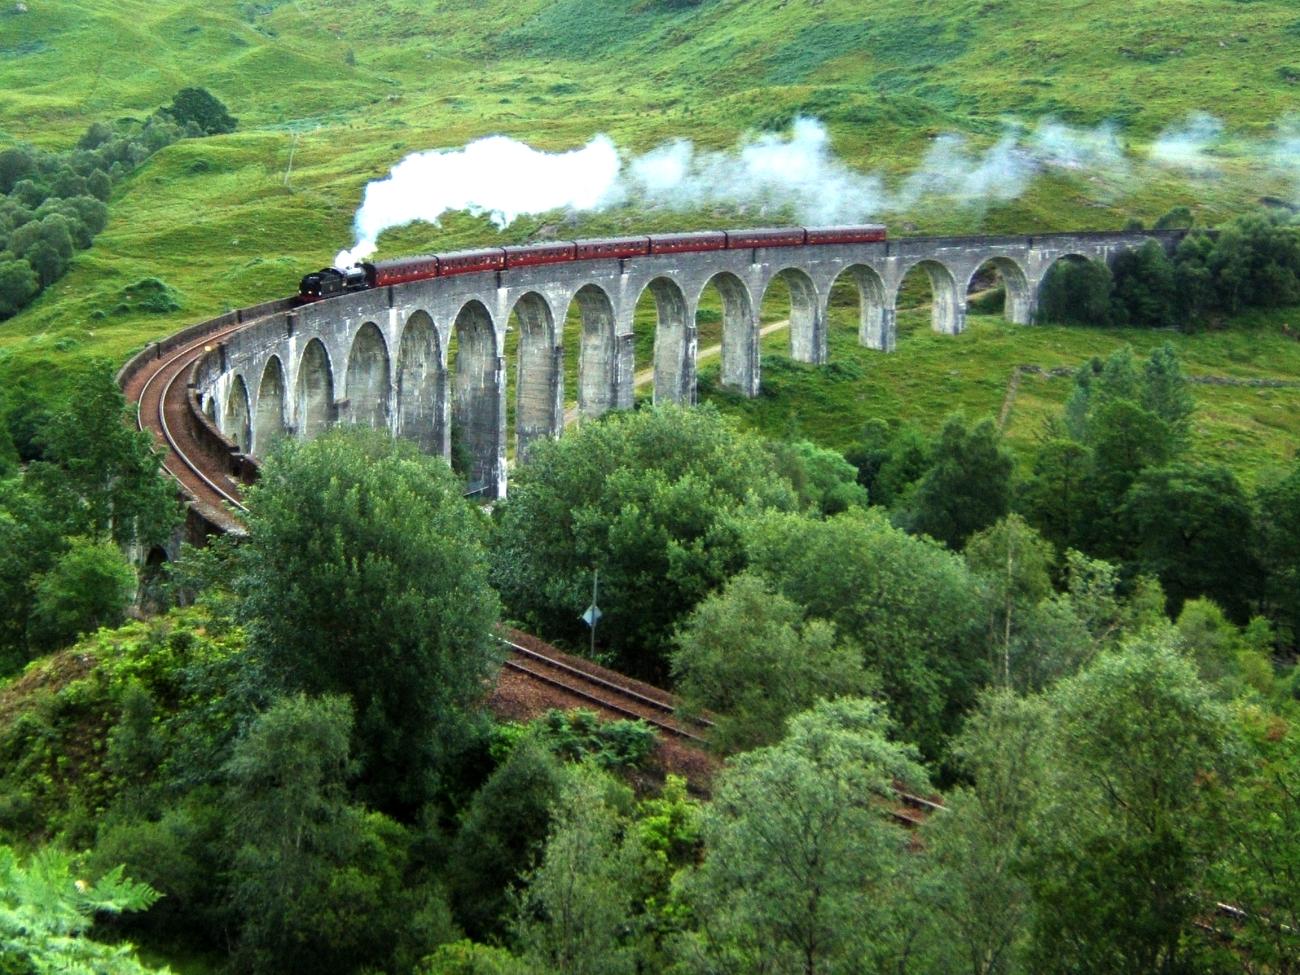 El viaducto de Glenfinnan es popular en las películas de Harry Potter